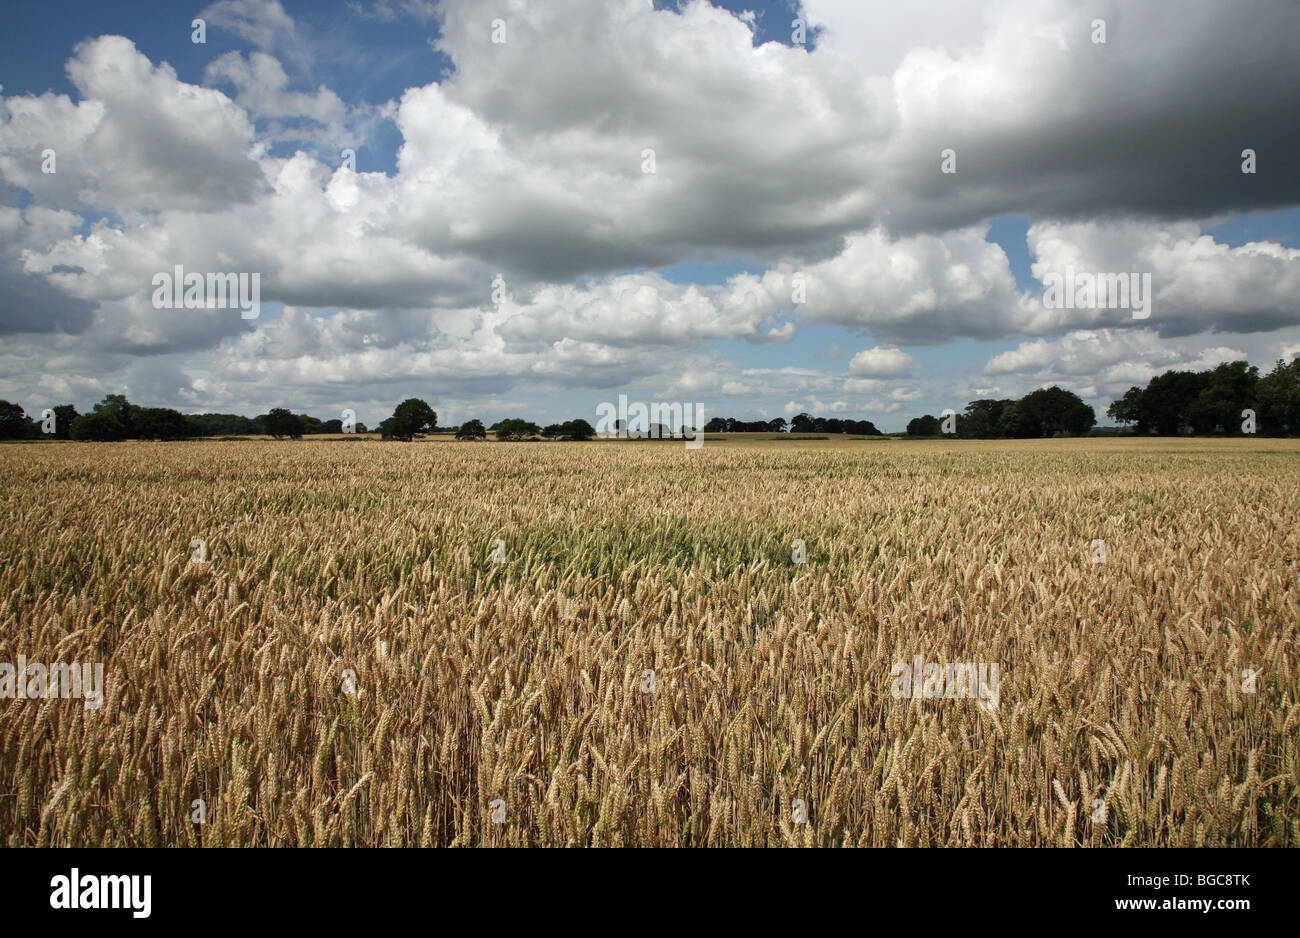 Un campo de cebada en Cheshire, Inglaterra en un día de verano con el cielo azul y las nubes blancas Imagen De Stock